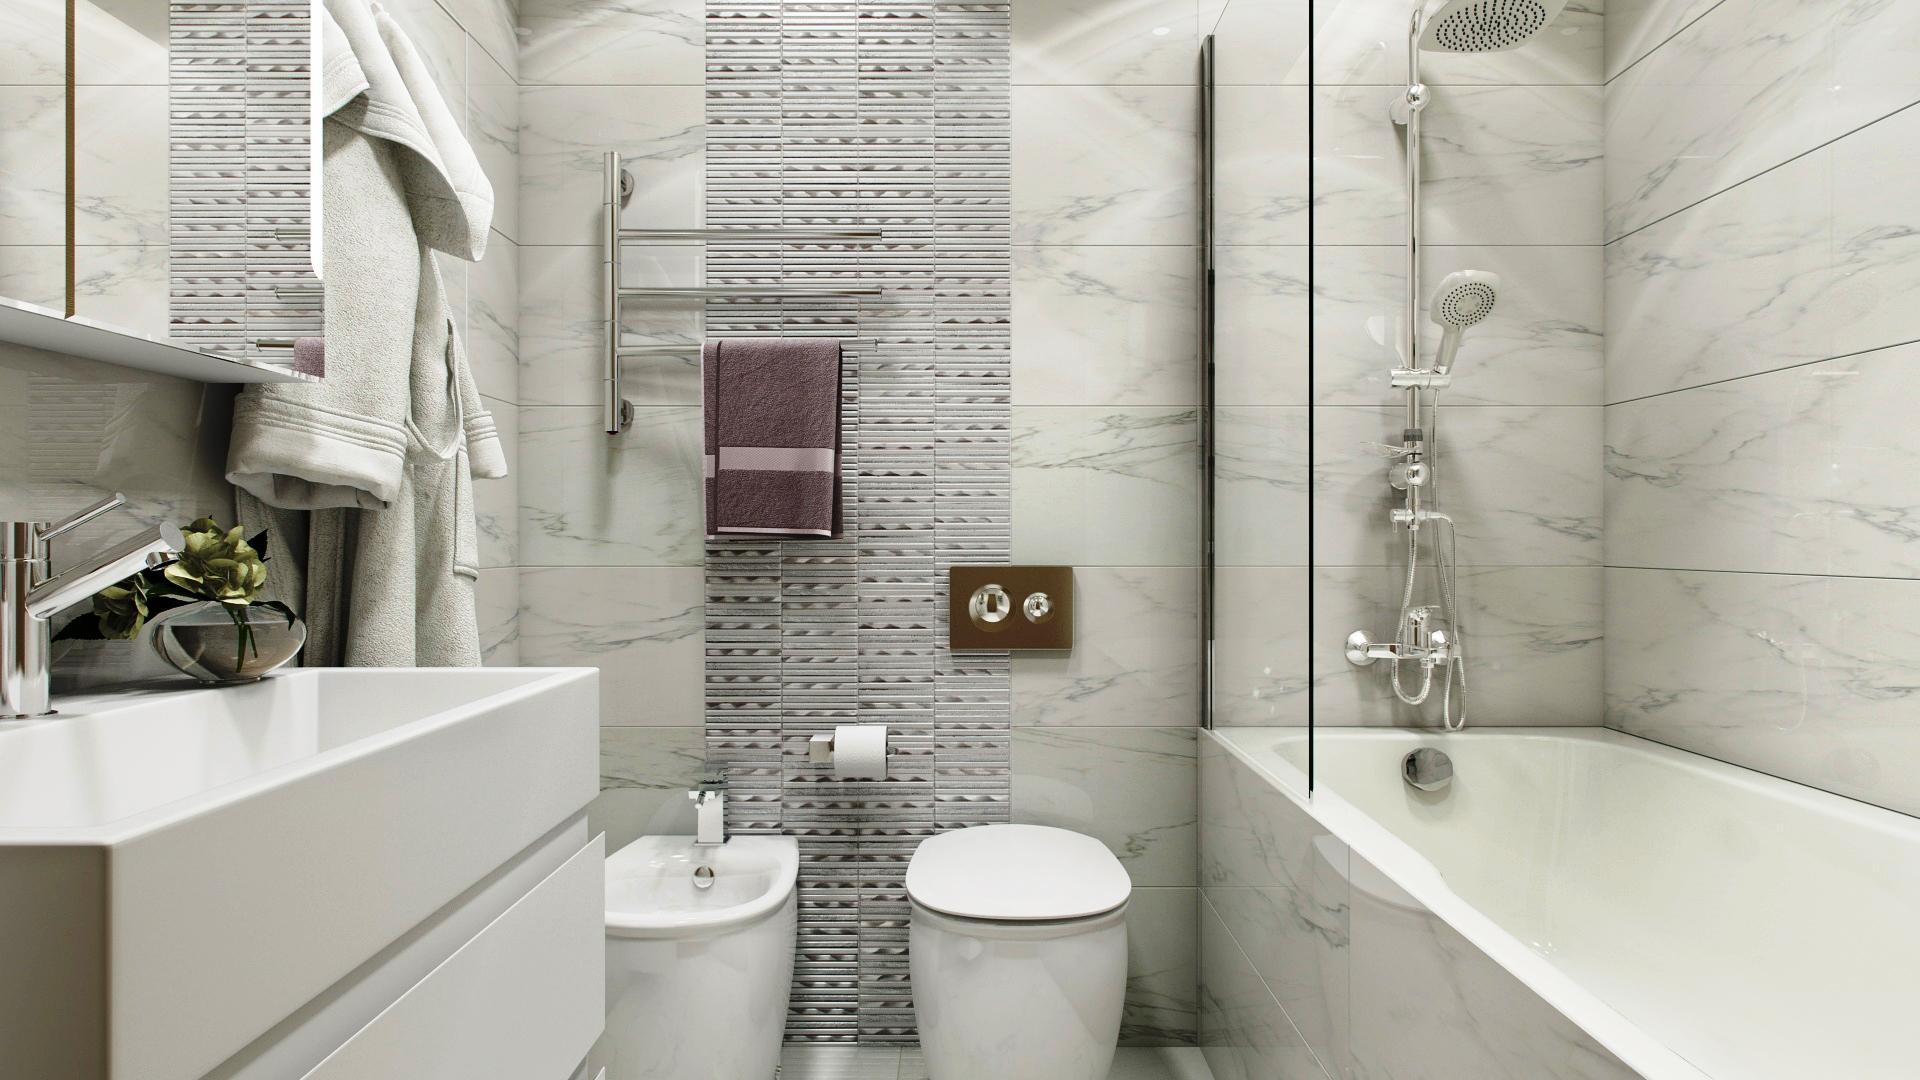 Мебель для ванной создает комфорт и уют